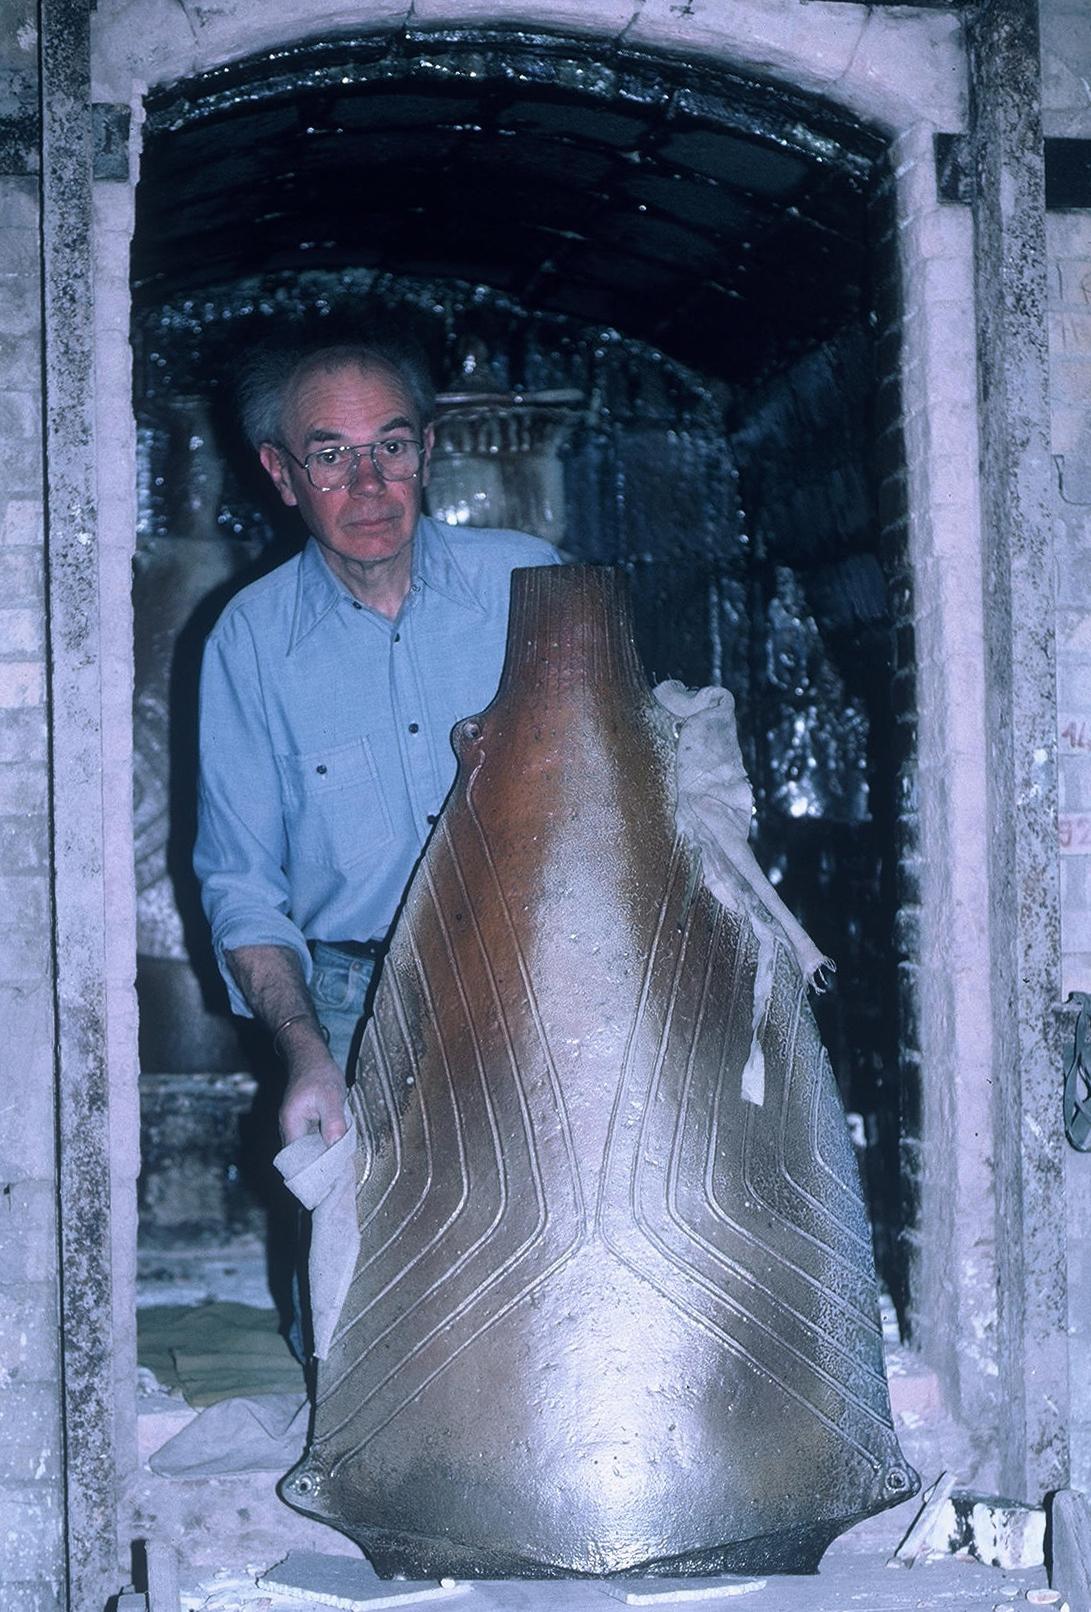 Gustave Tiffoche défournant une sculpture du four à bois, Guérande 1986